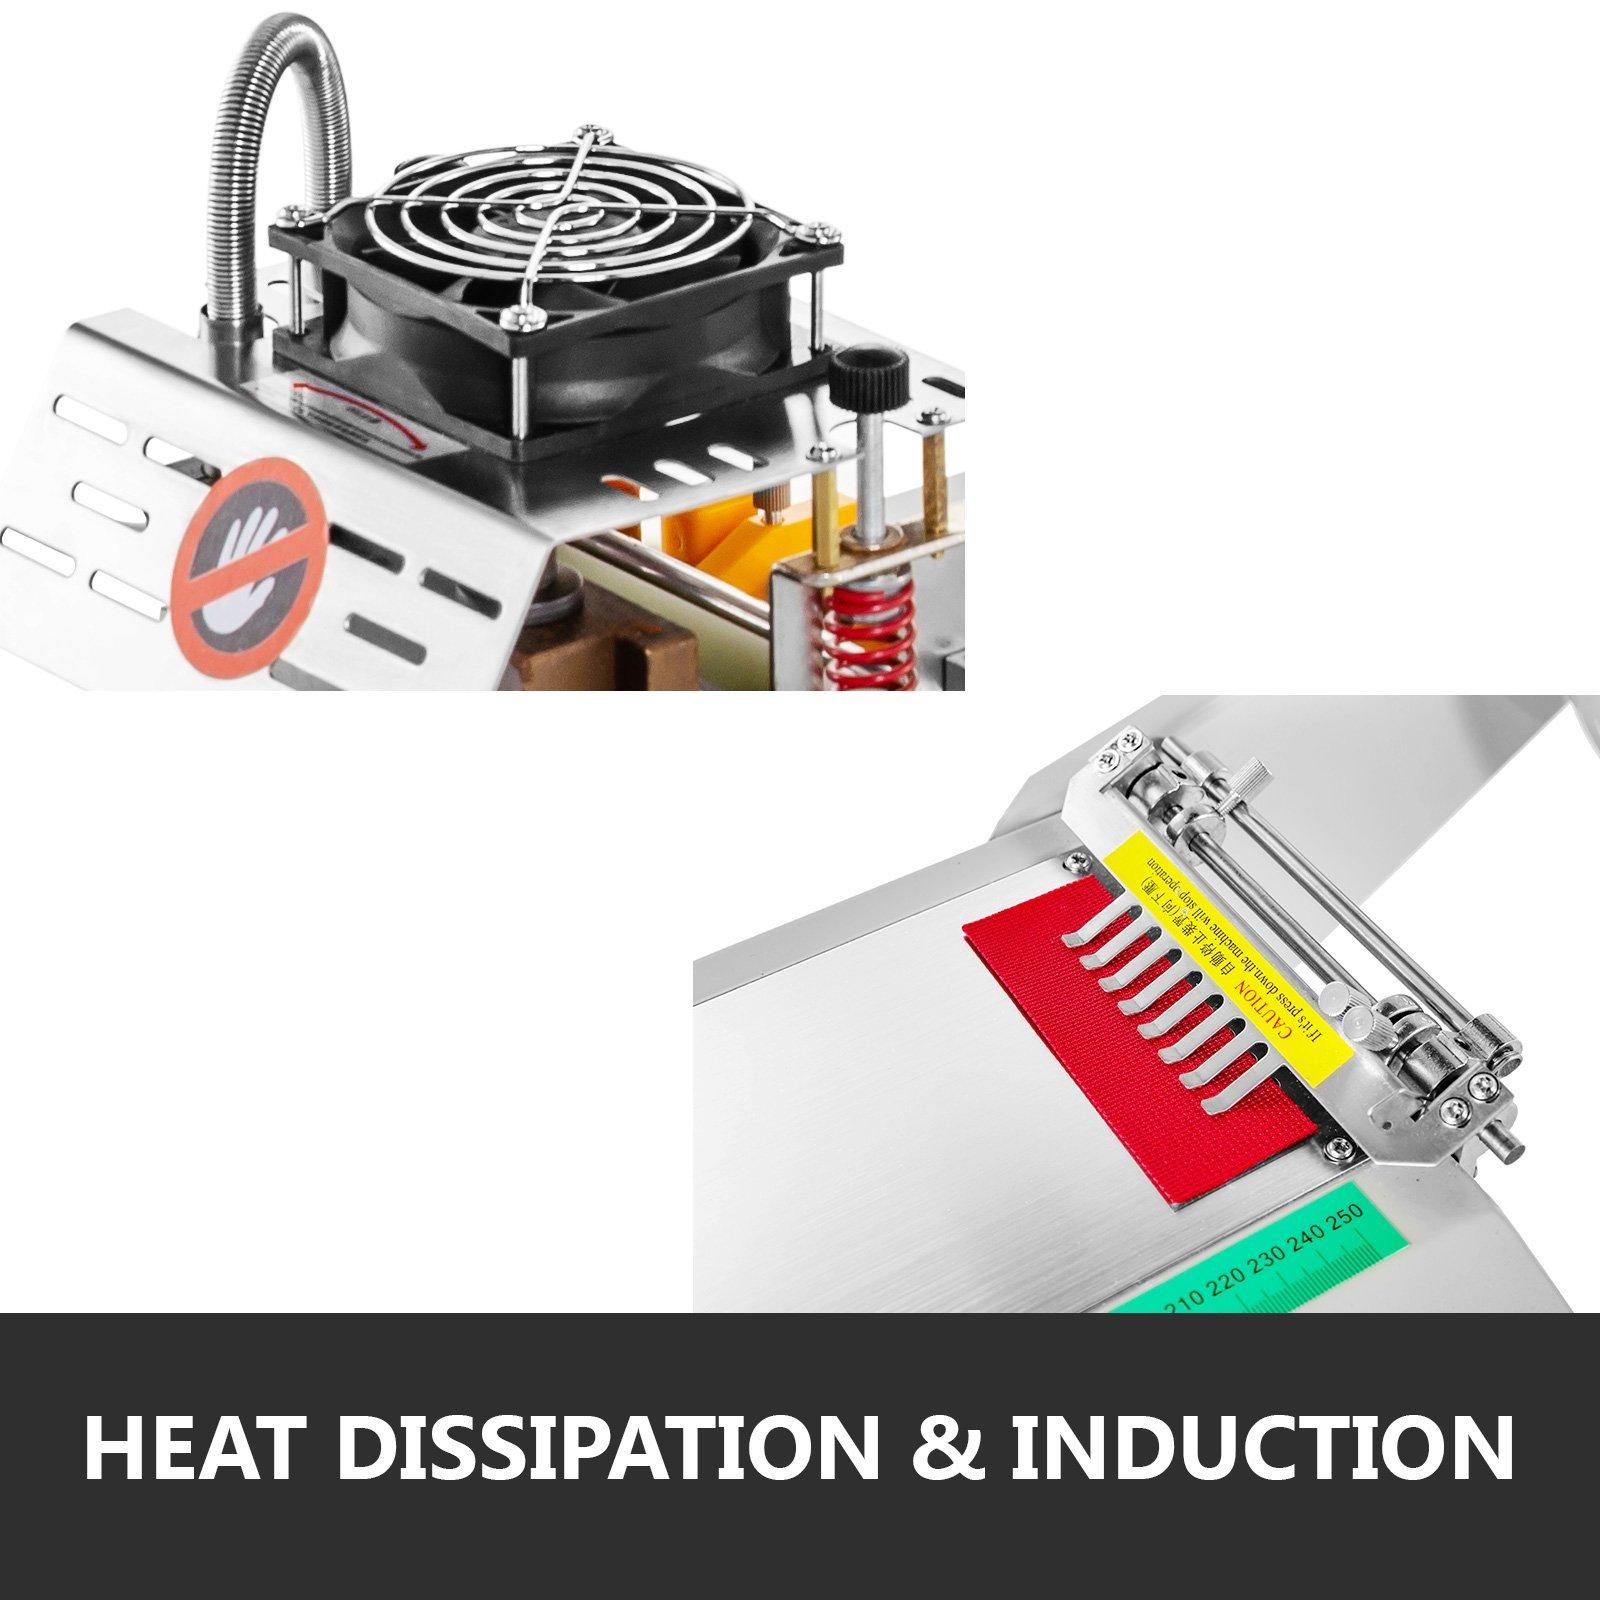 Tape Cutting, Hot and Cold, Belt Cutter,